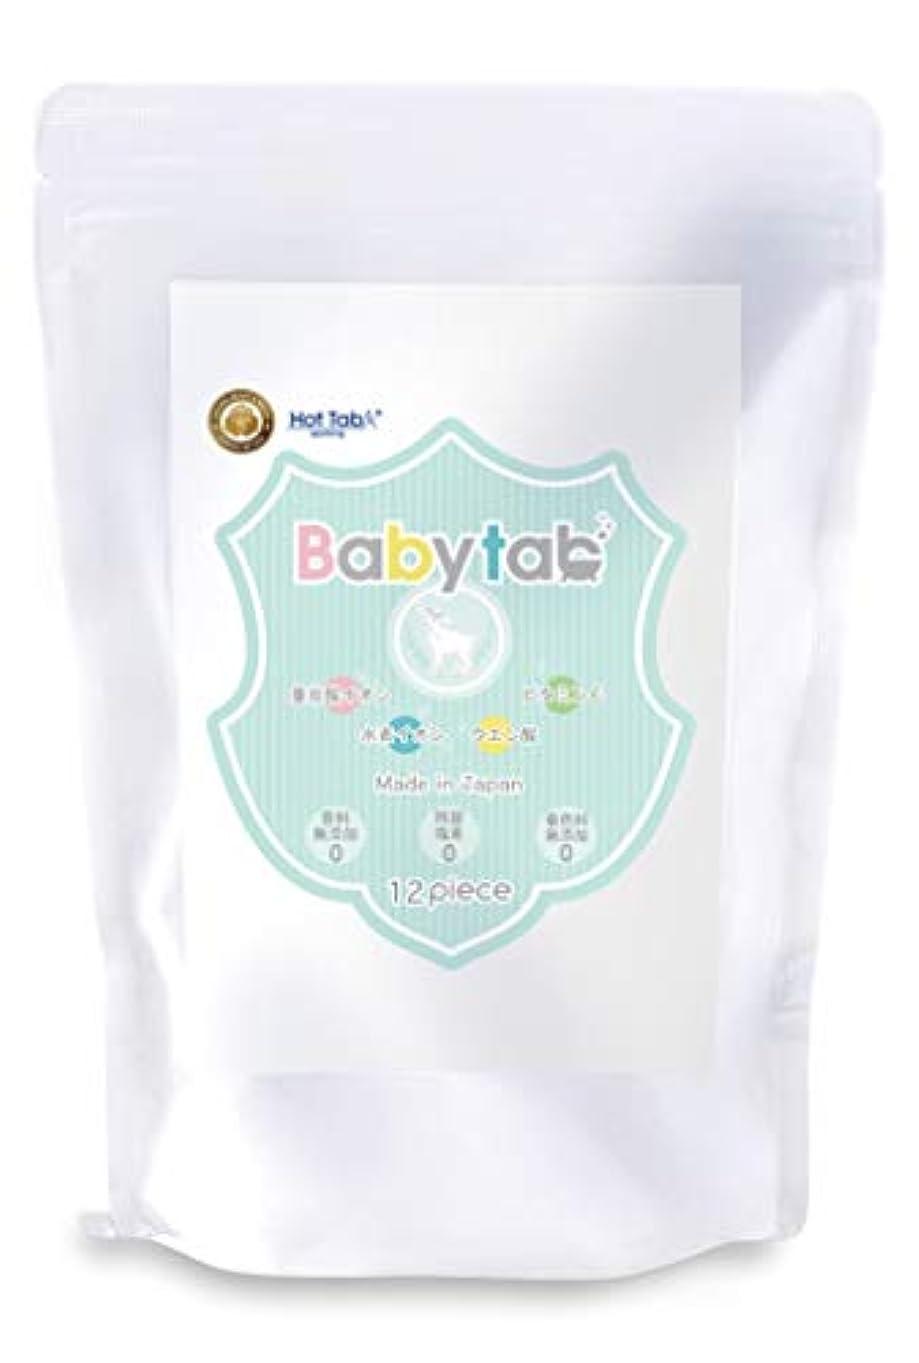 和解する泥棒テーマベビタブ【Babytab】重炭酸 中性 入浴剤 沐浴剤 12錠入り お試しサイズ(無添加 無香料 保湿 乾燥肌 オーガニック あせも 塩素除去)赤ちゃんから使える